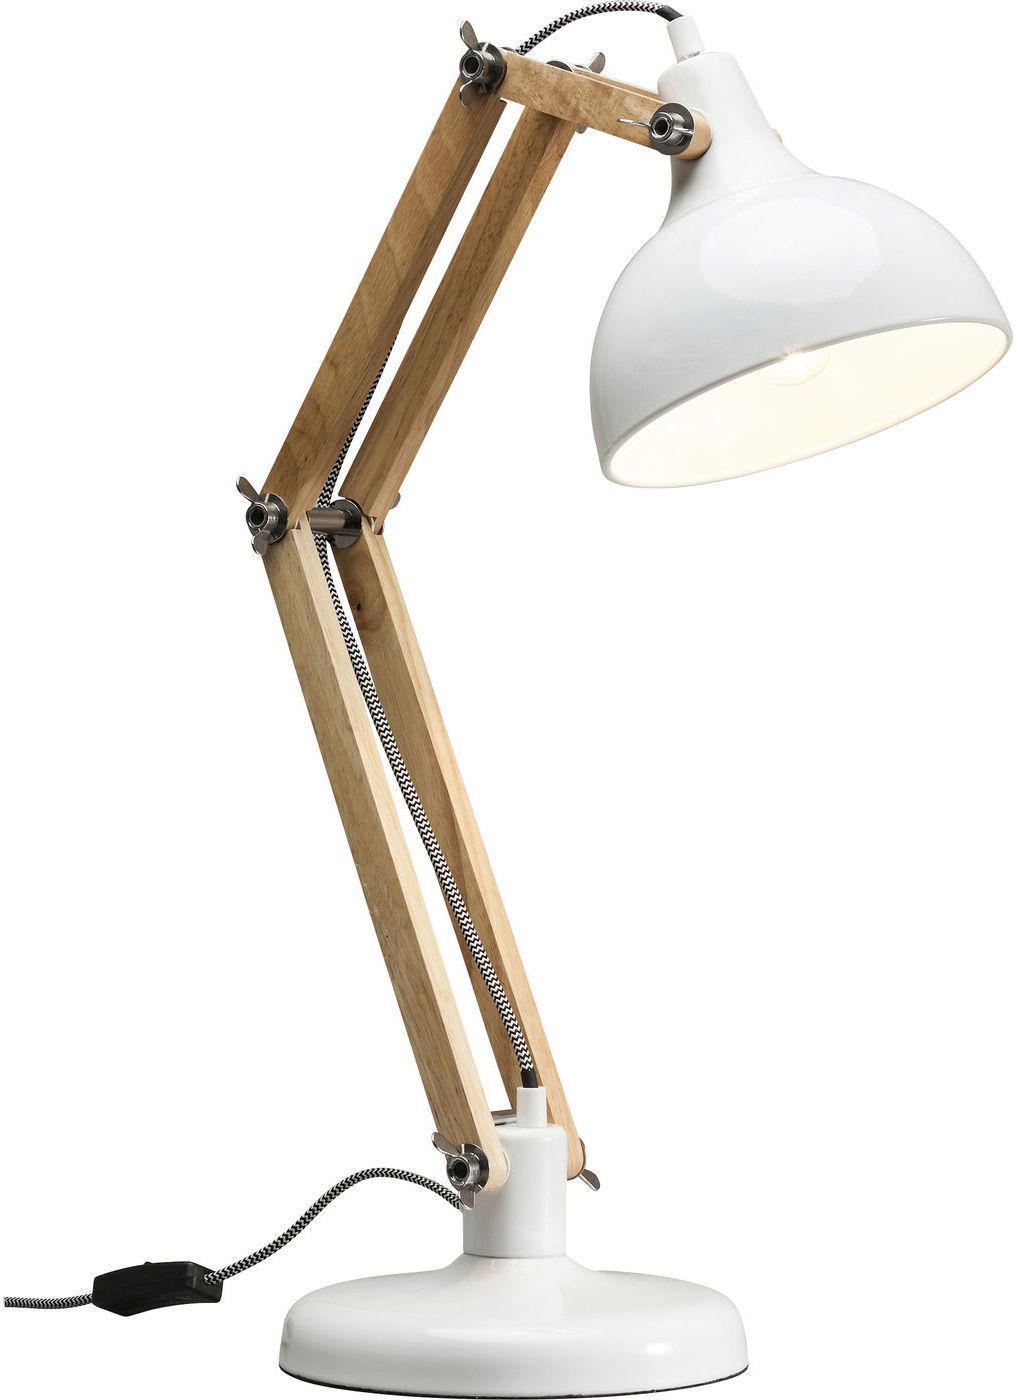 Tischlampe work station wei 65x20x35cm kare design for Kare design tischlampe